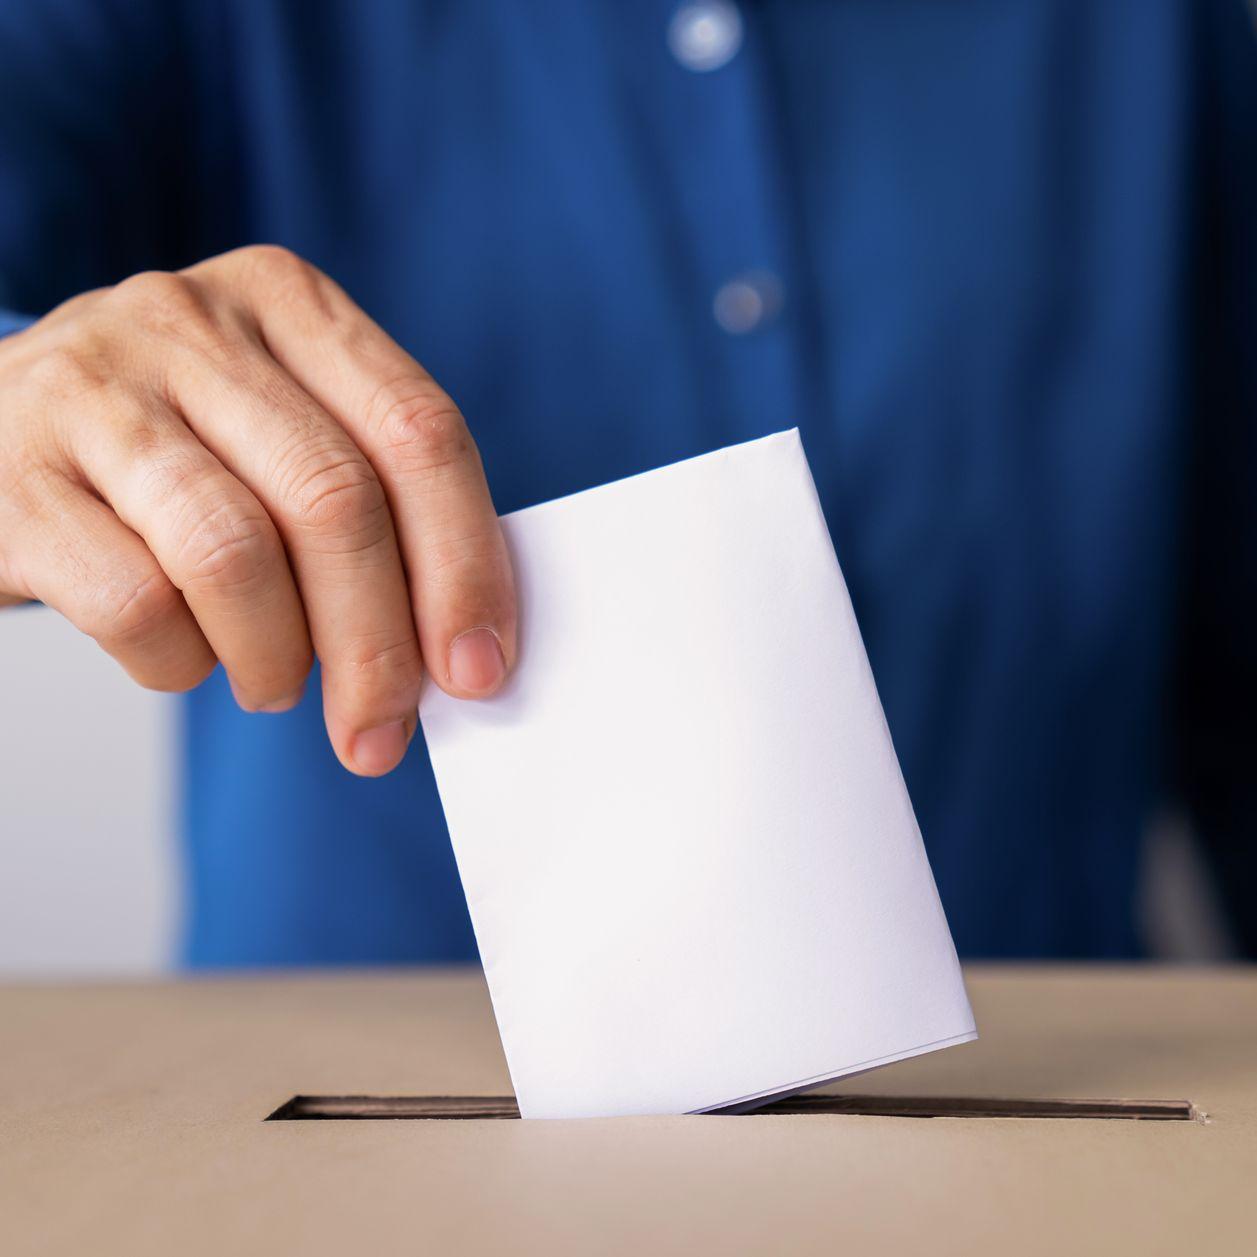 Une semaine après les municipales, des assesseurs et présidents de bureaux de vote positifs au Covid-19 TOUTFILM